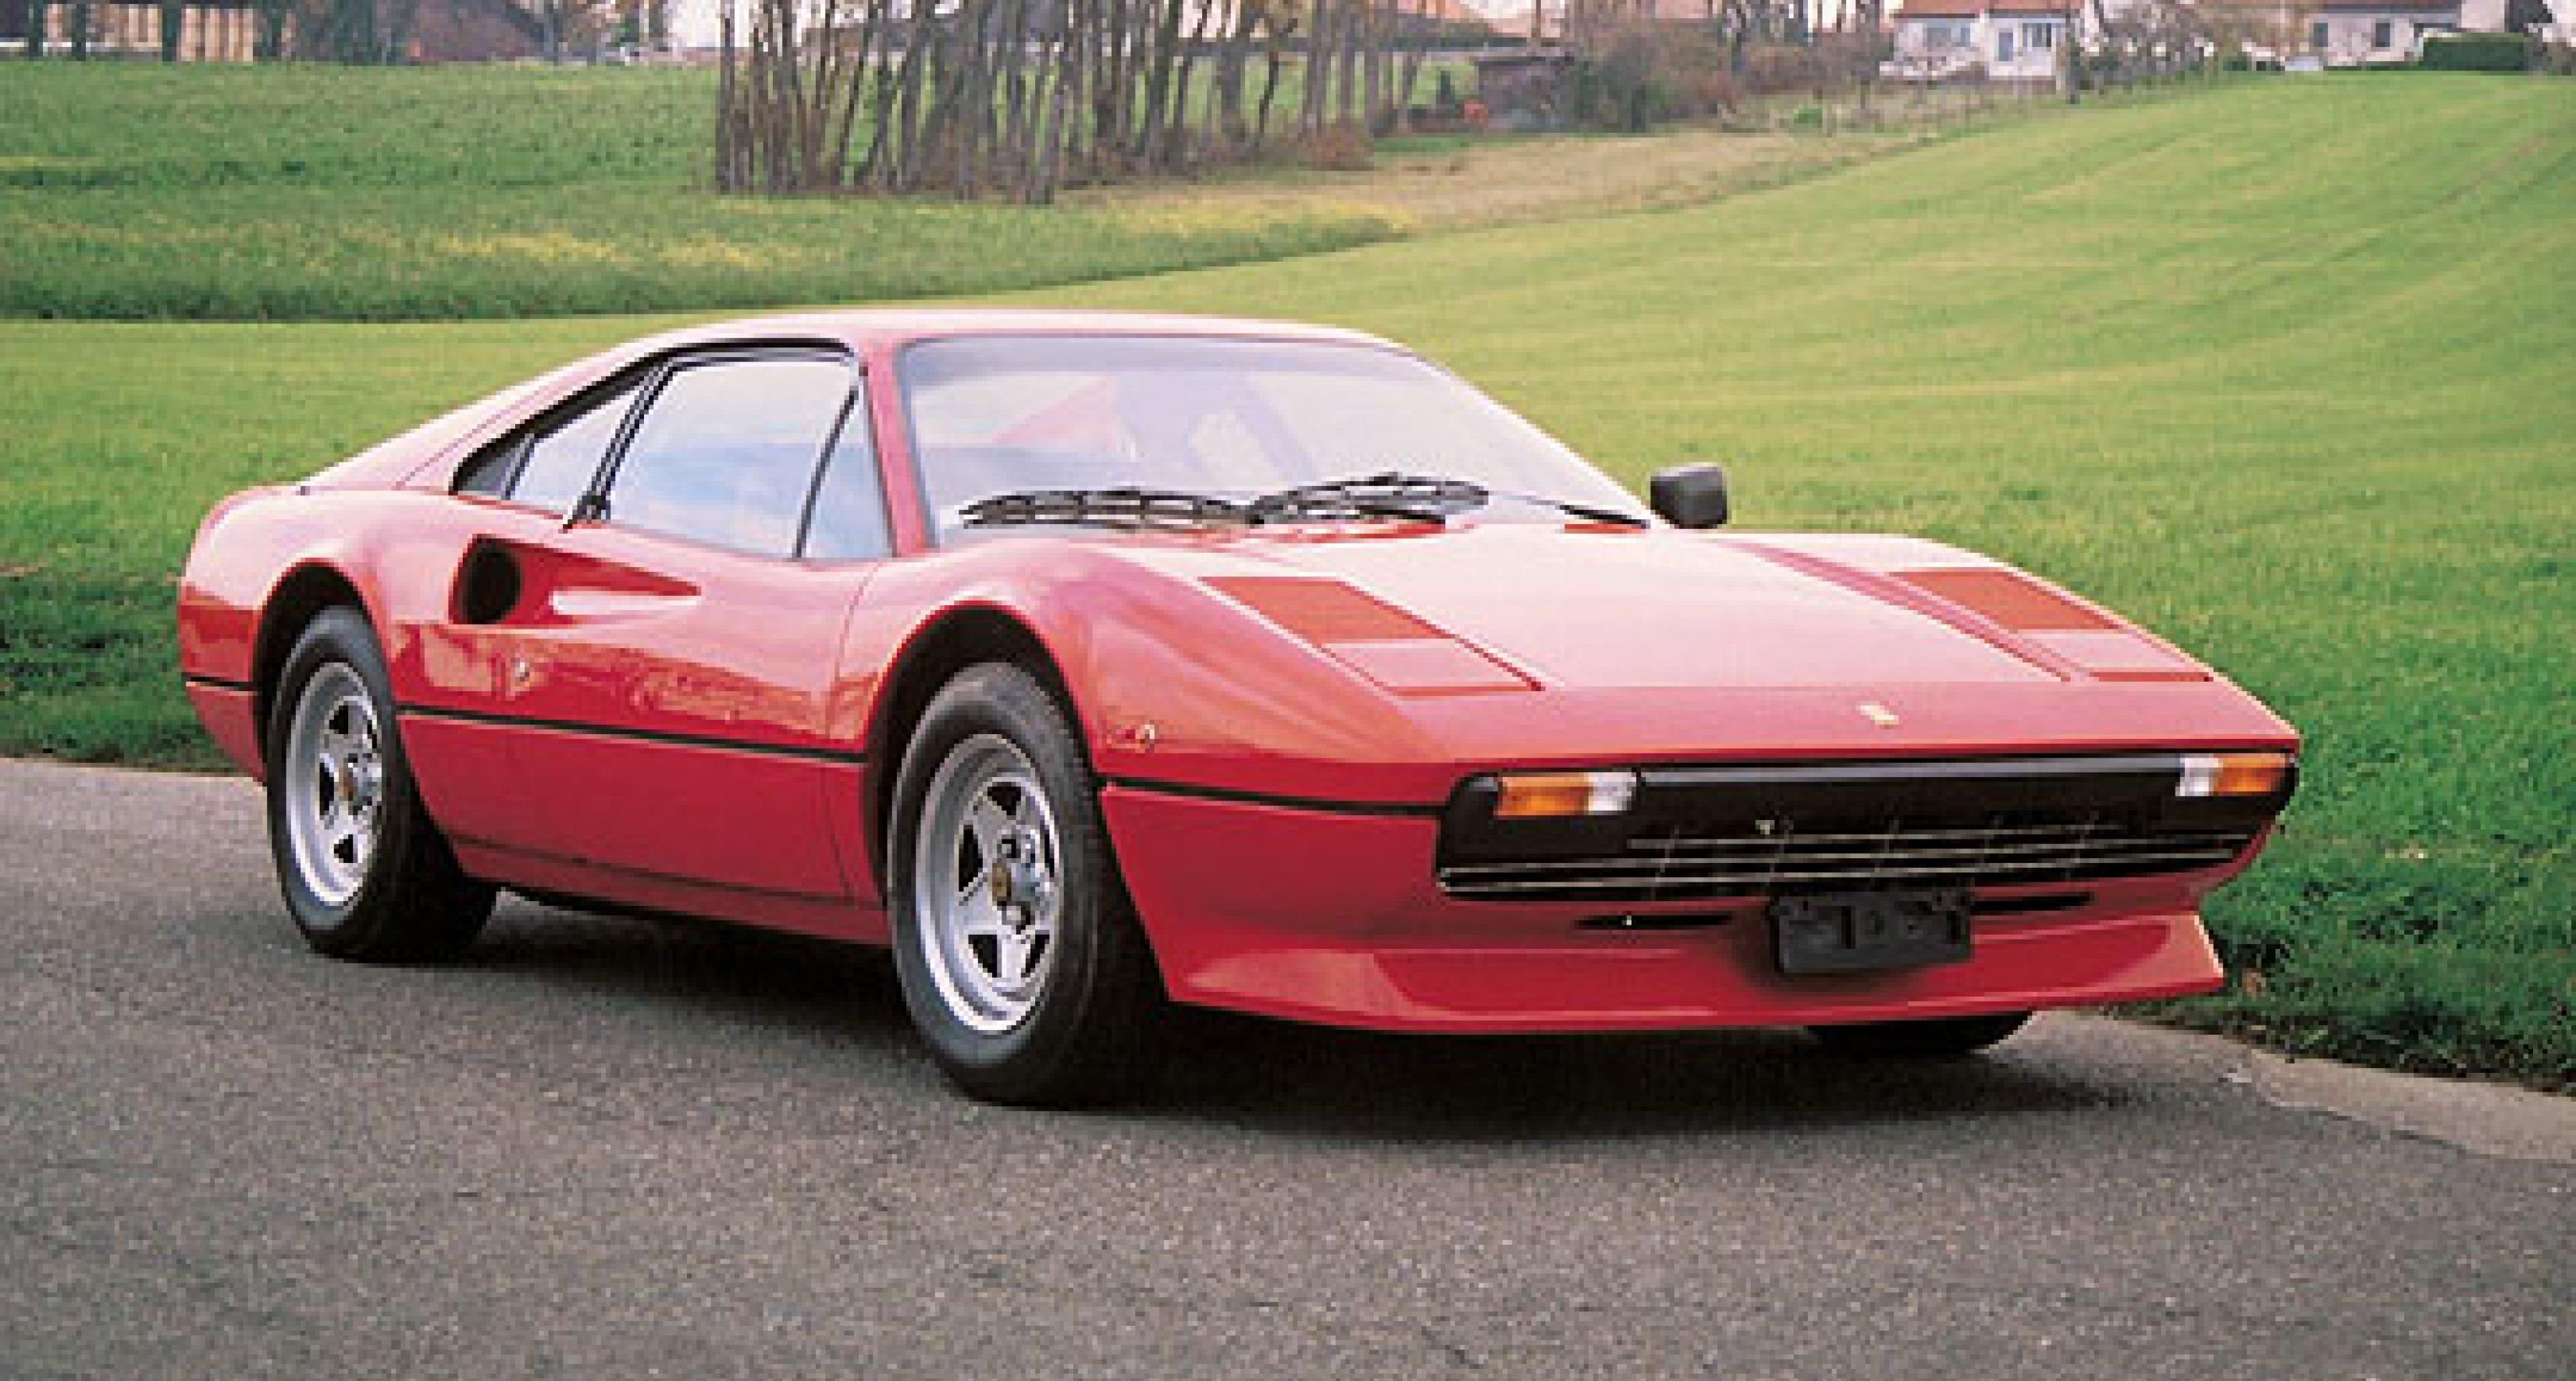 Bonhams Historic Ferrari Motor Cars at Gstaad 17th December 2005